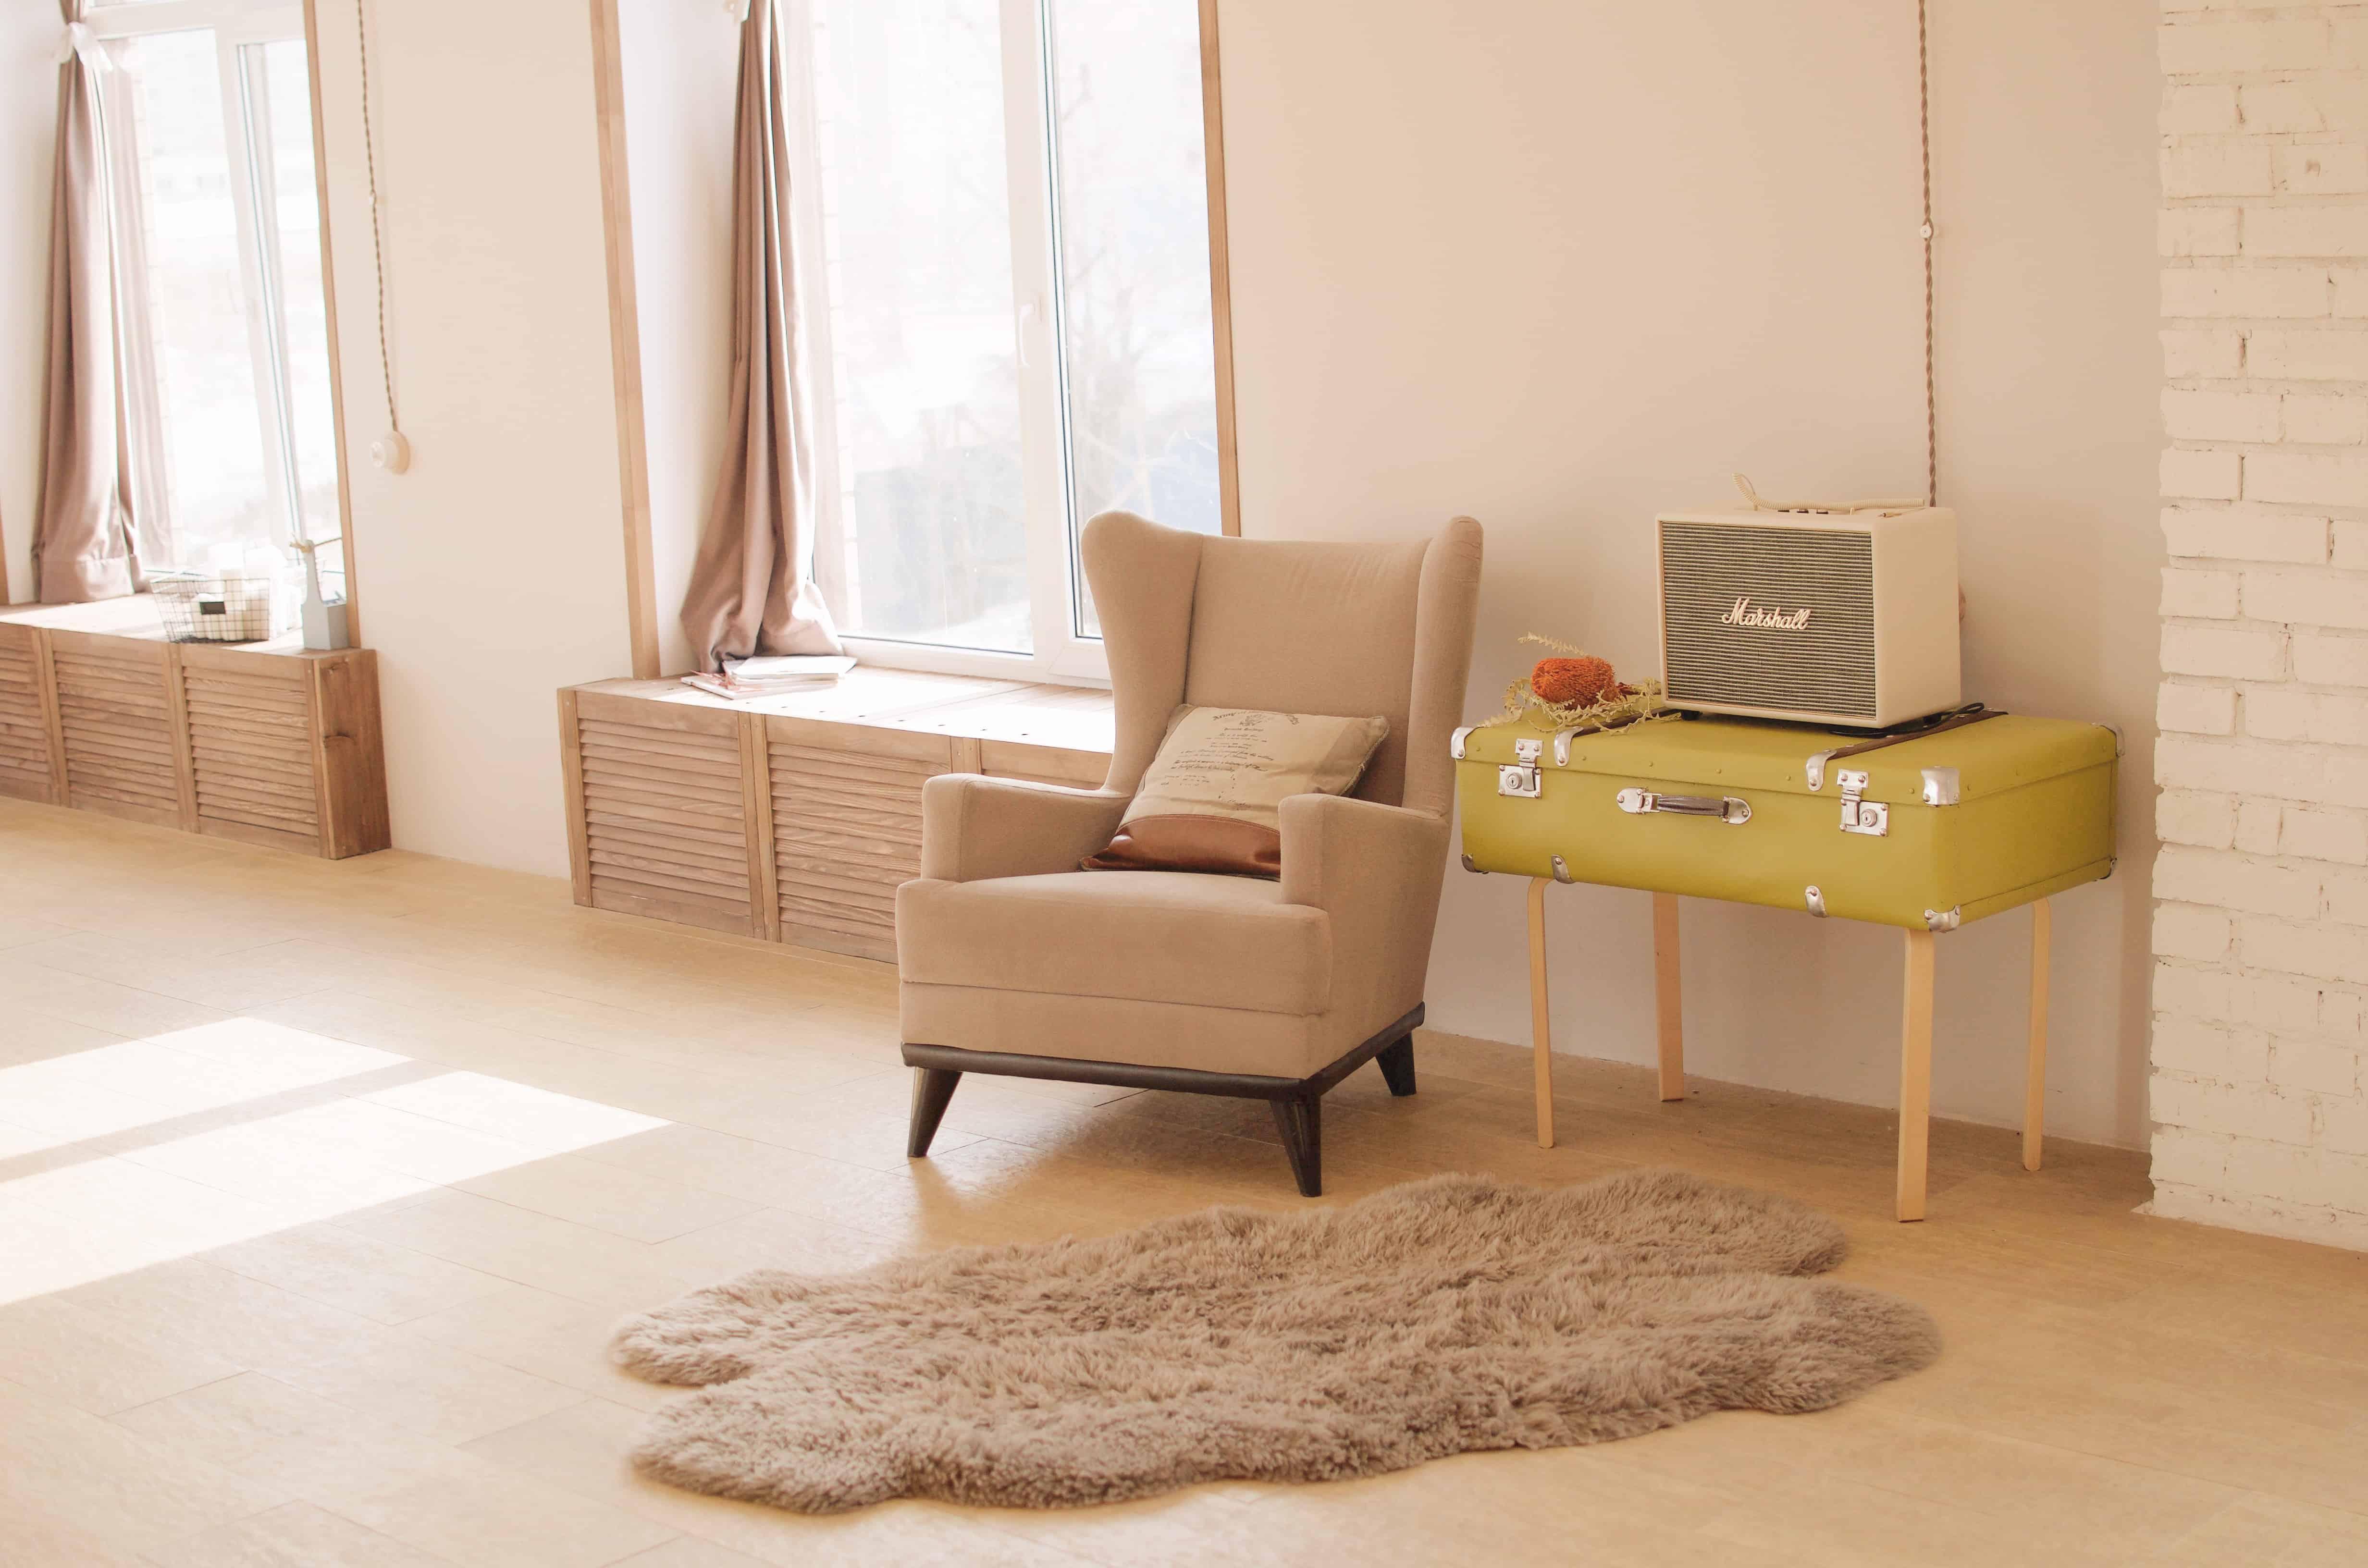 Wohnzimmer einrichten – Inspirationen und Ideen für dein Wohnzimmer